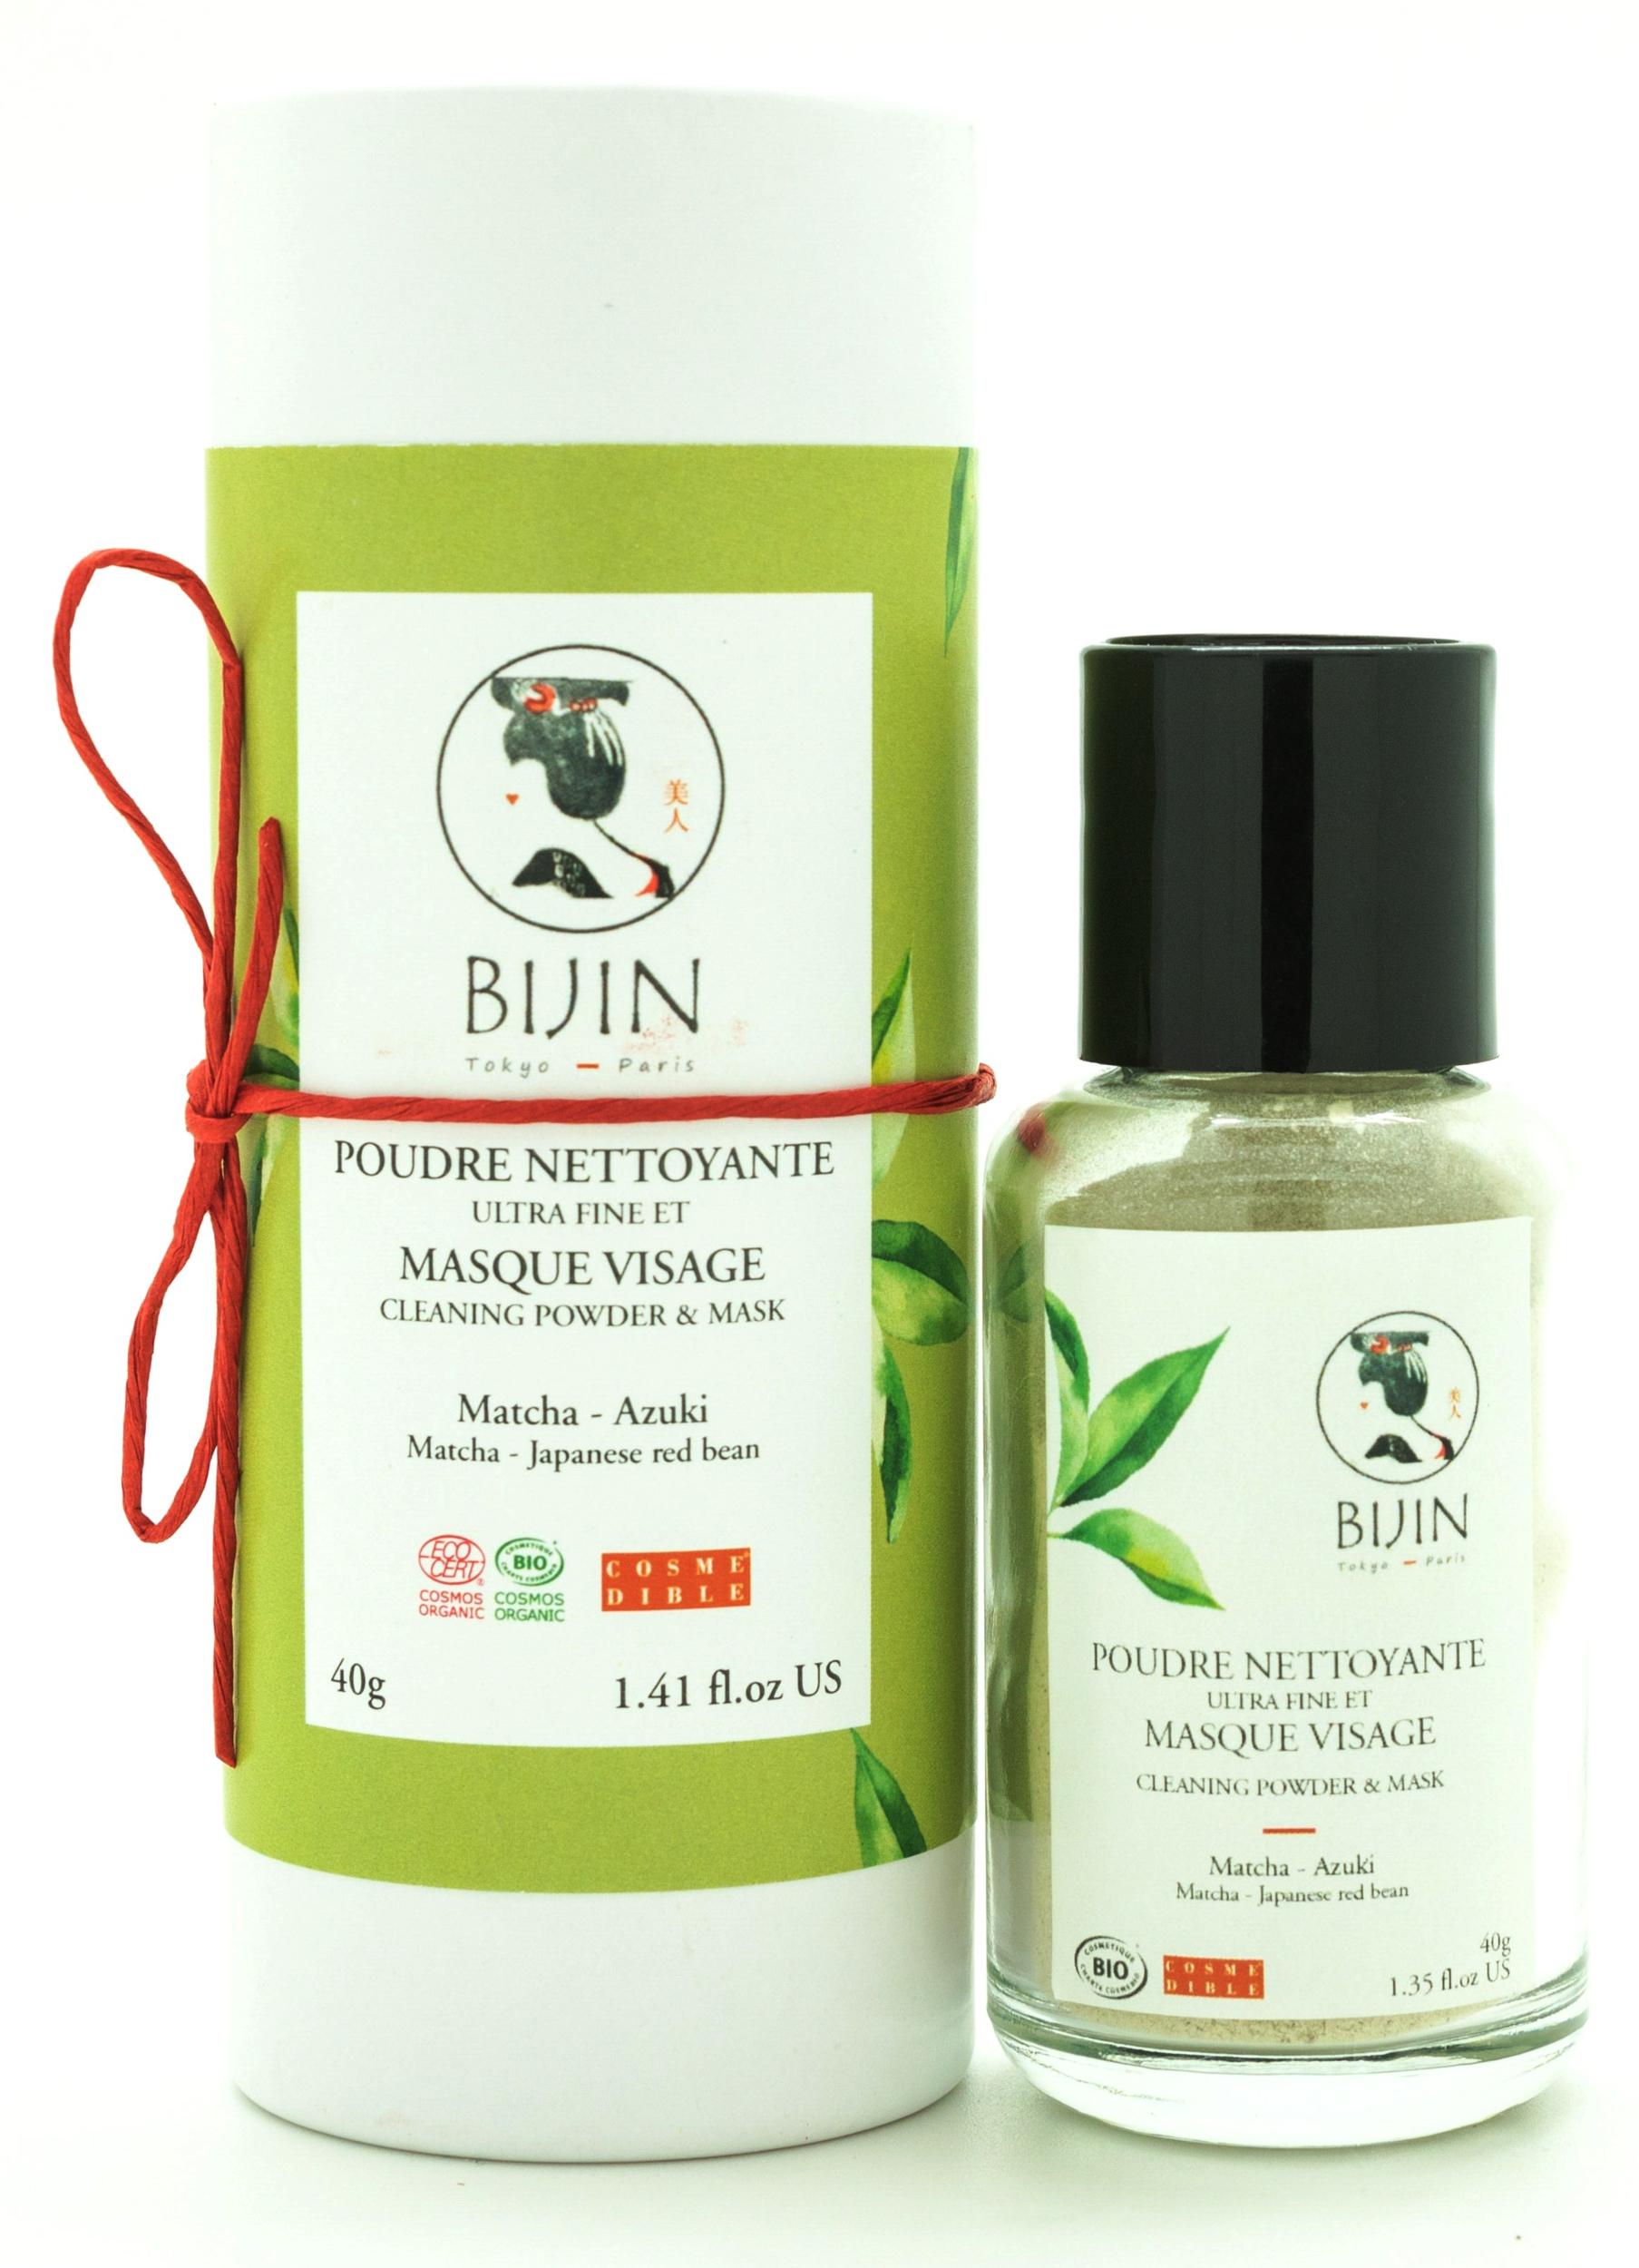 Poudre nettoyante au thé vert Matcha - Masque visage BIJIN